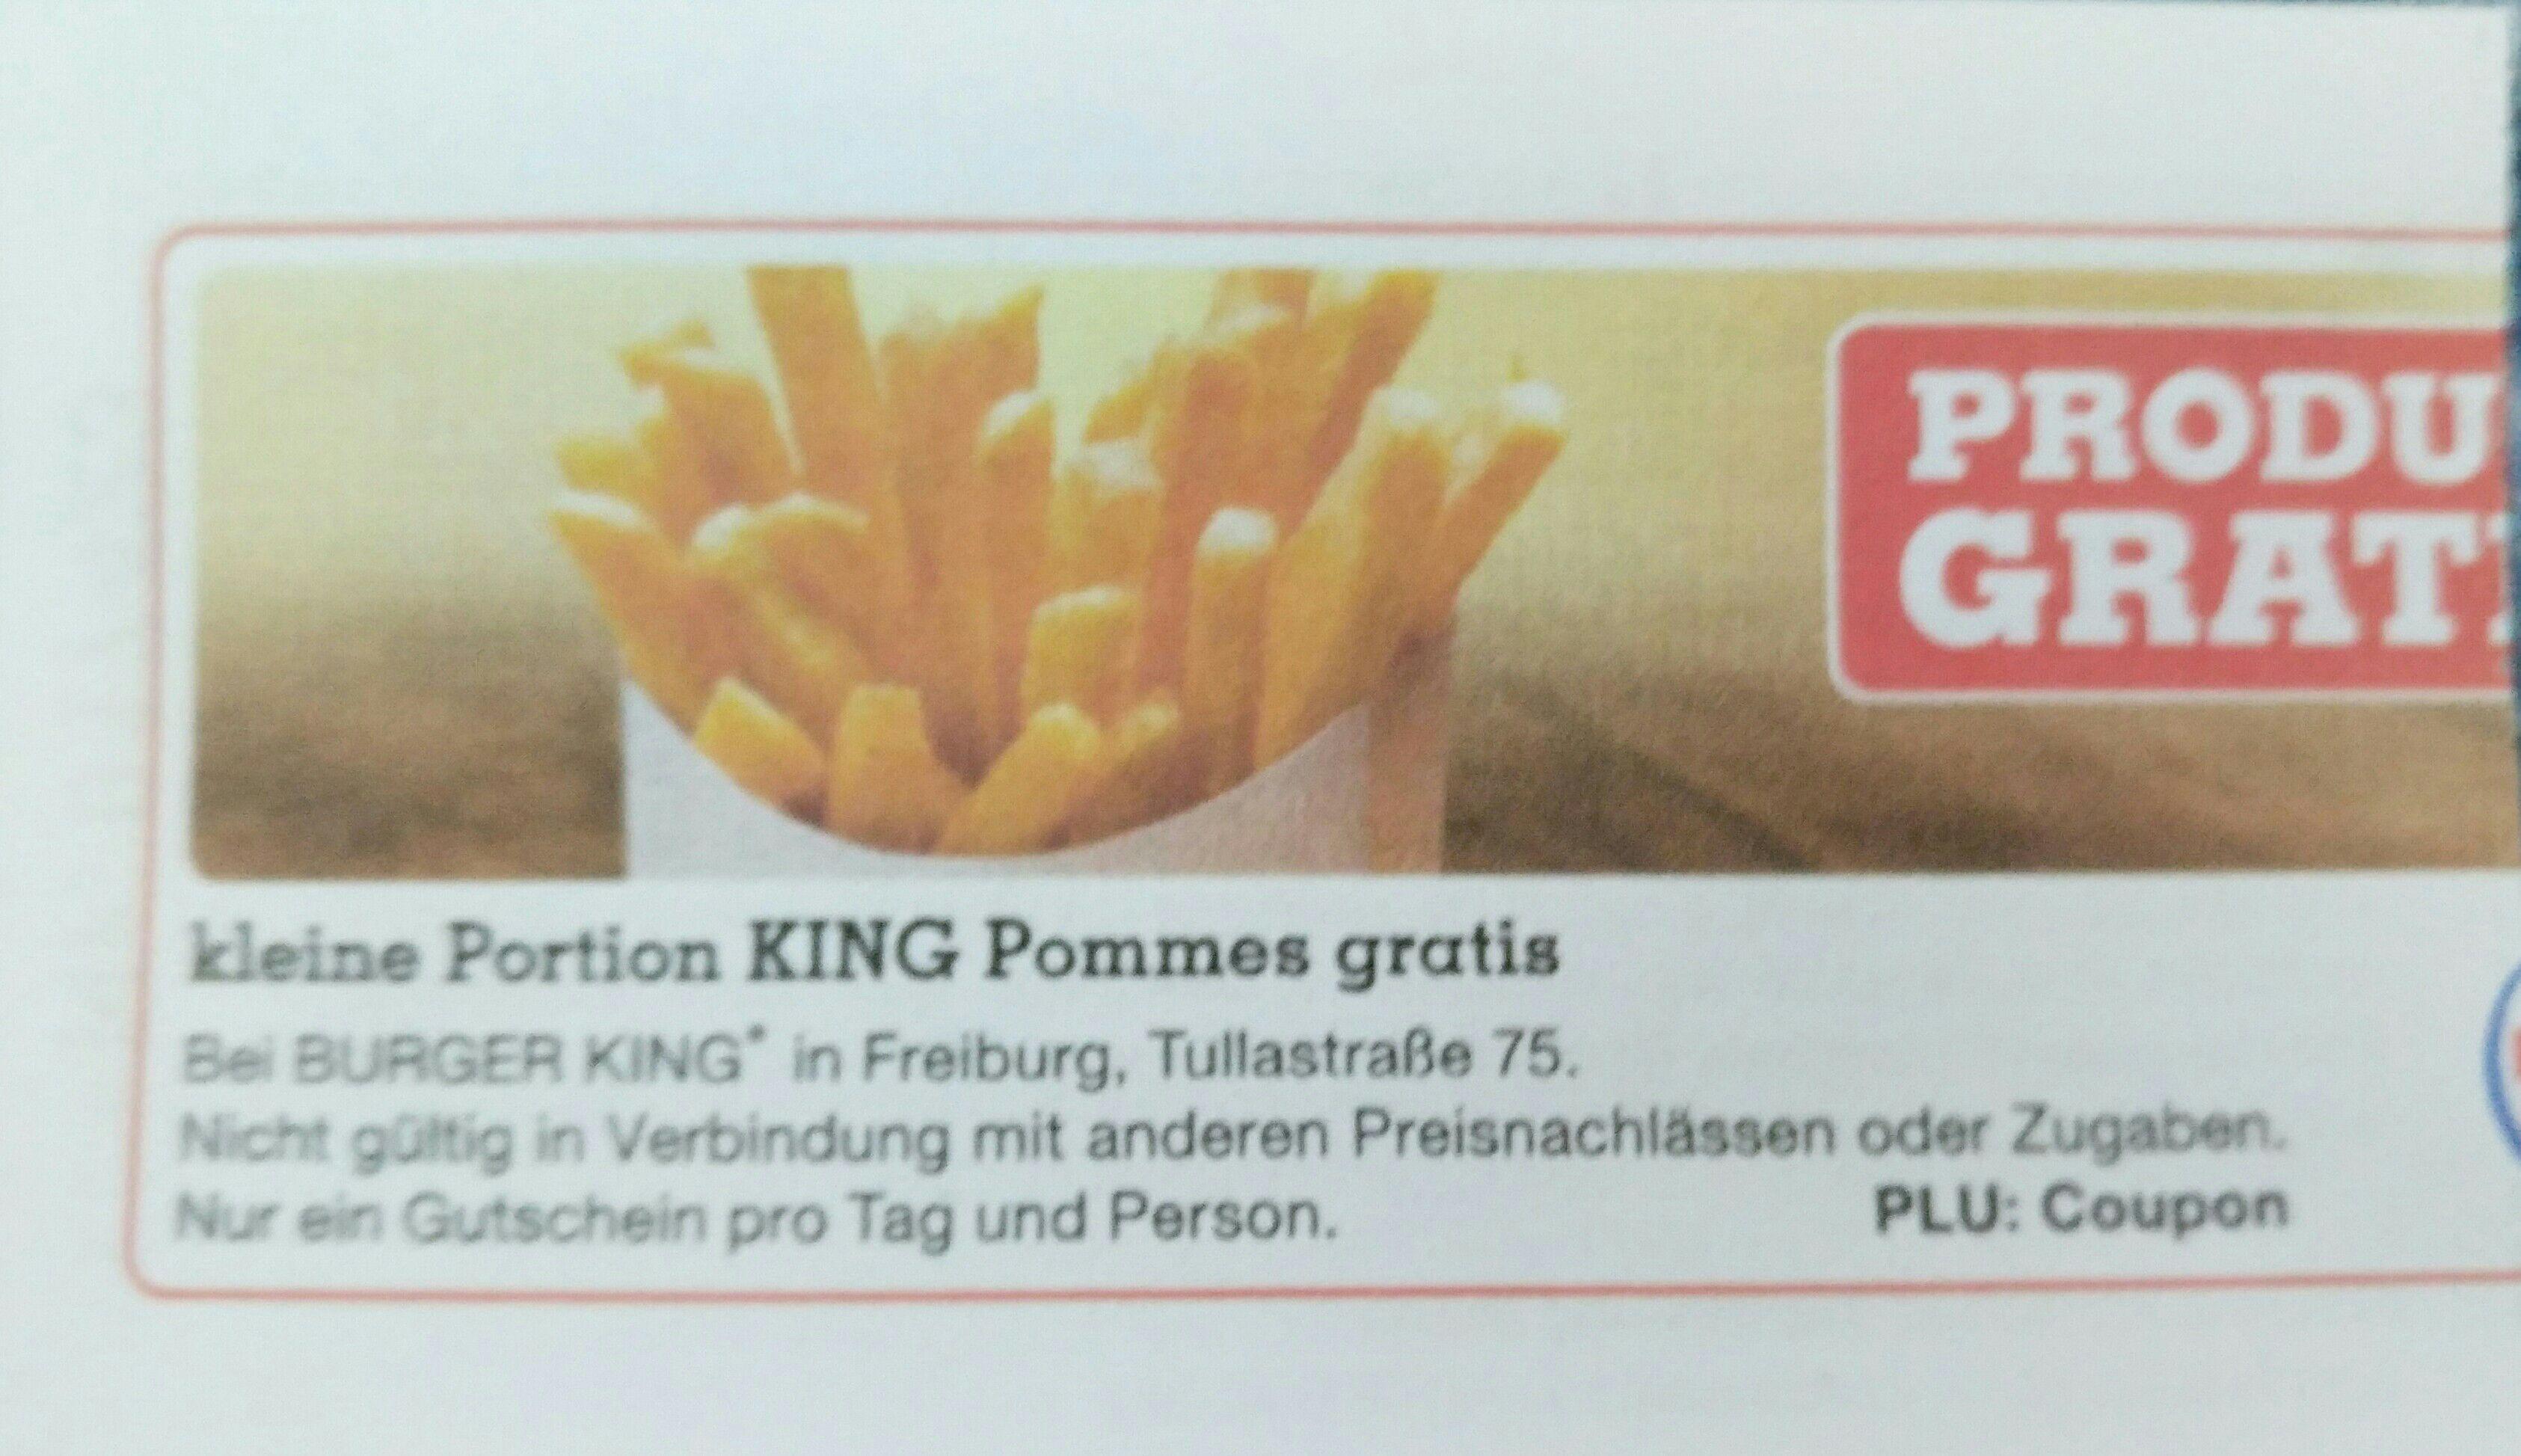 BK Pommes gratis Freiburg